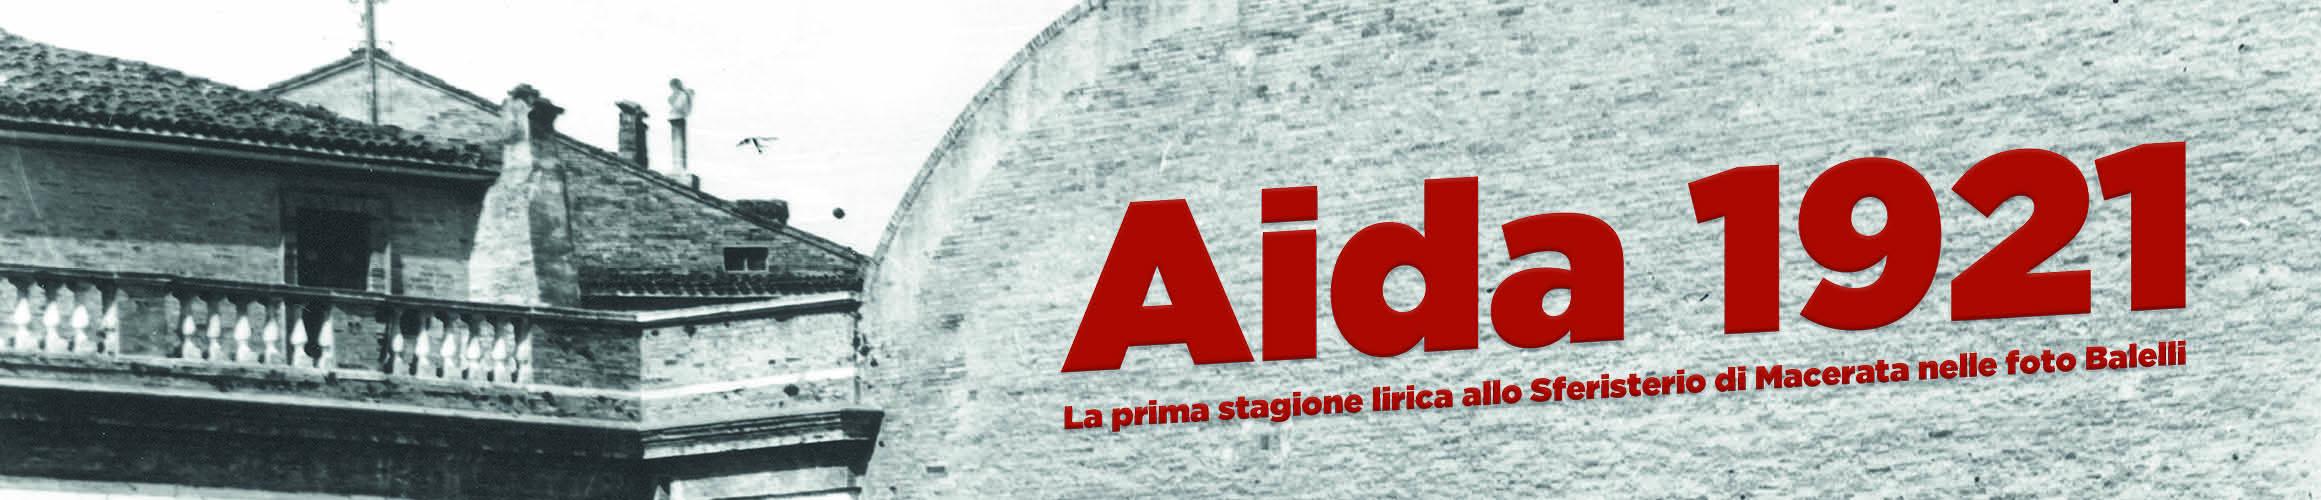 AIDA 1921  LA PRIMA STAGIONE LIRICA   ALLO SFERISTERIO DI MACERATA NELLE FOTO BALELLI